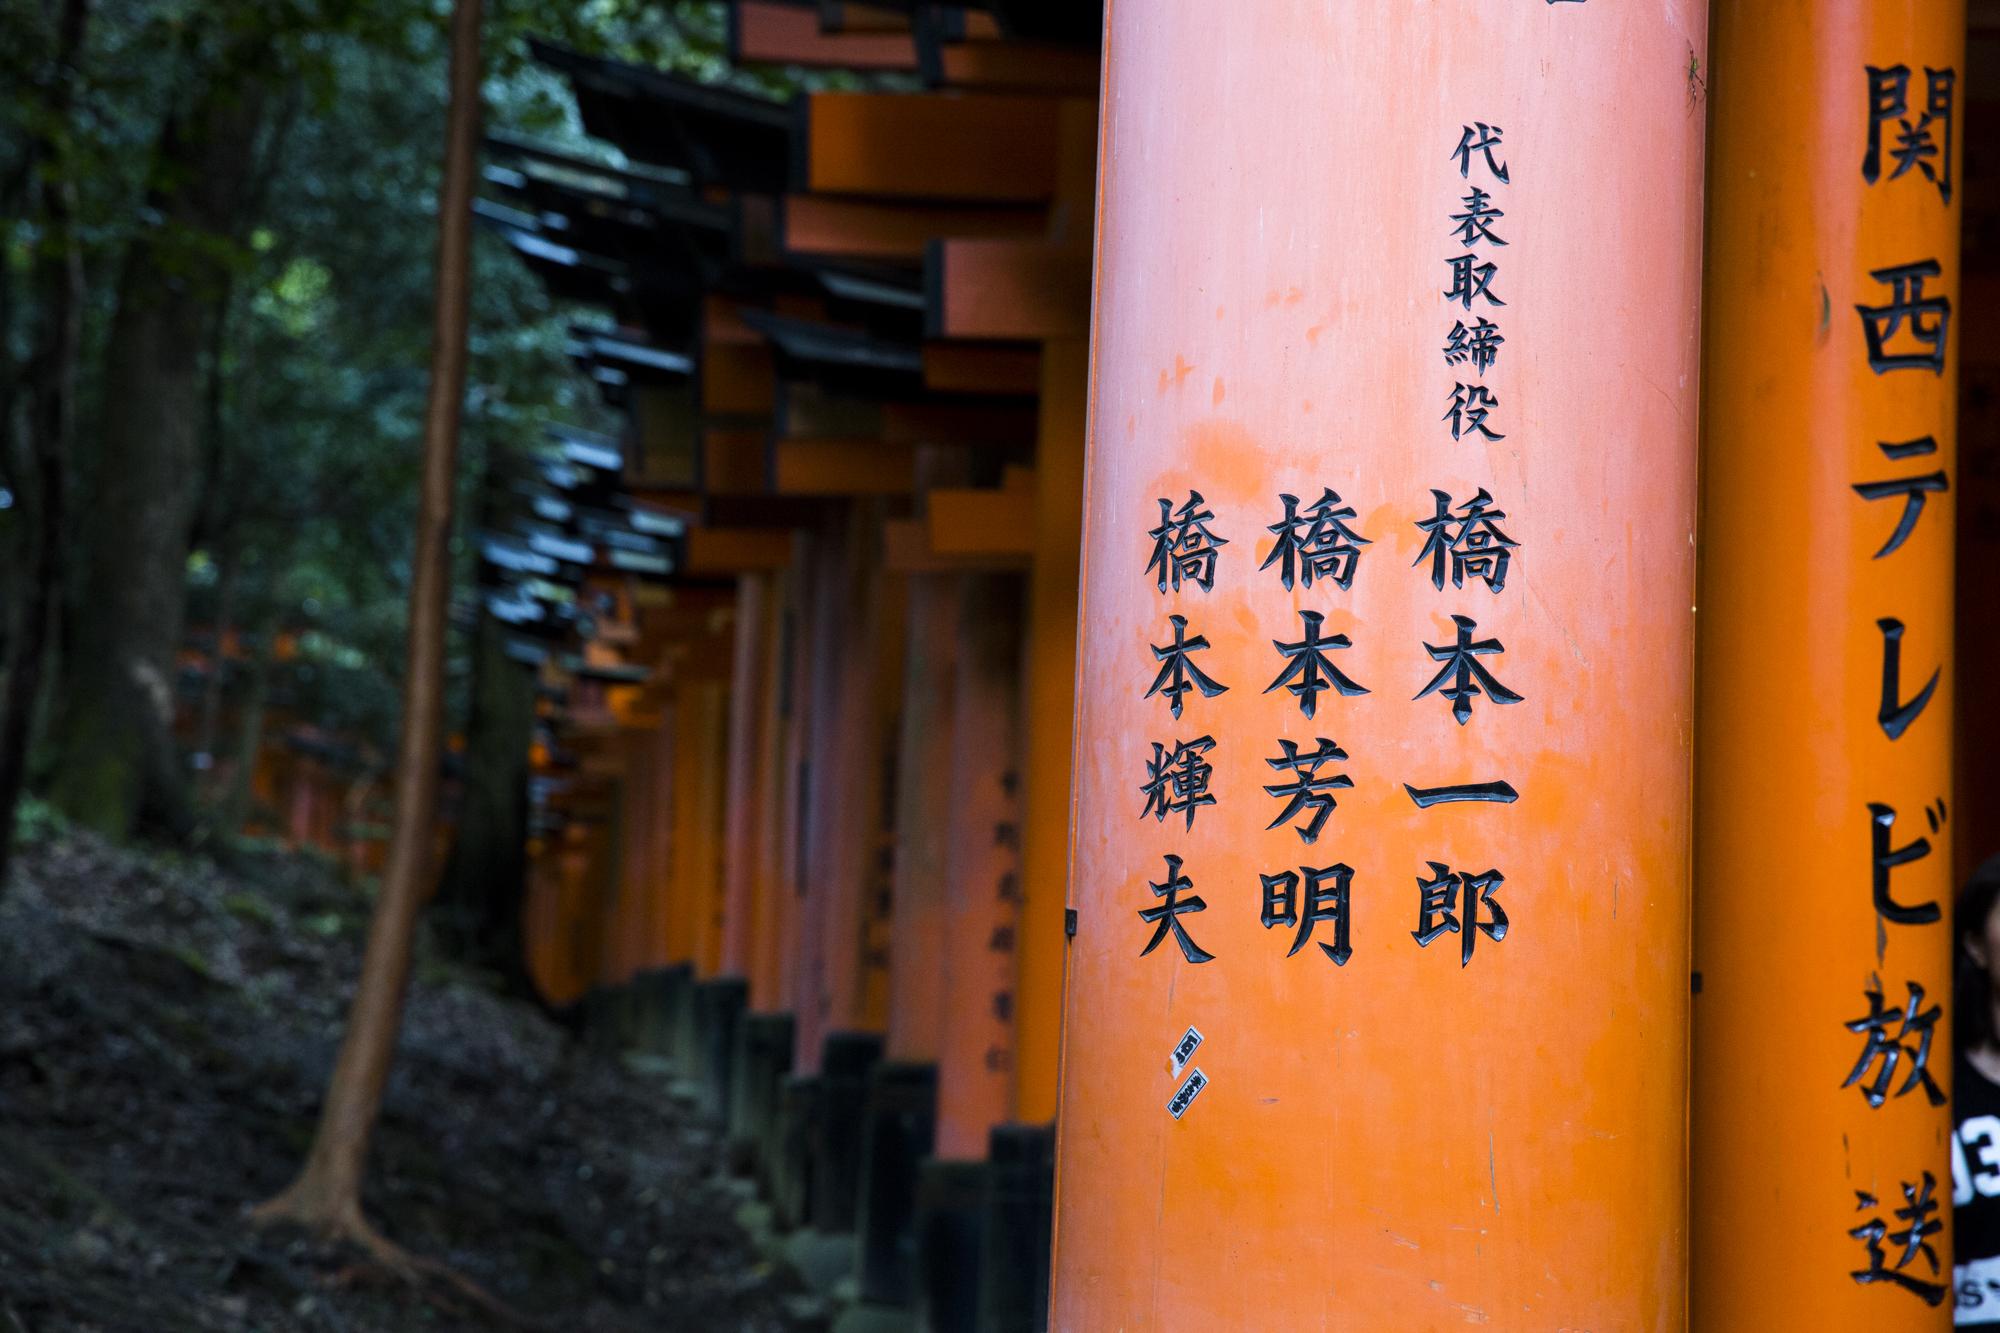 PERRU_P_JAPAN_01_43.jpg